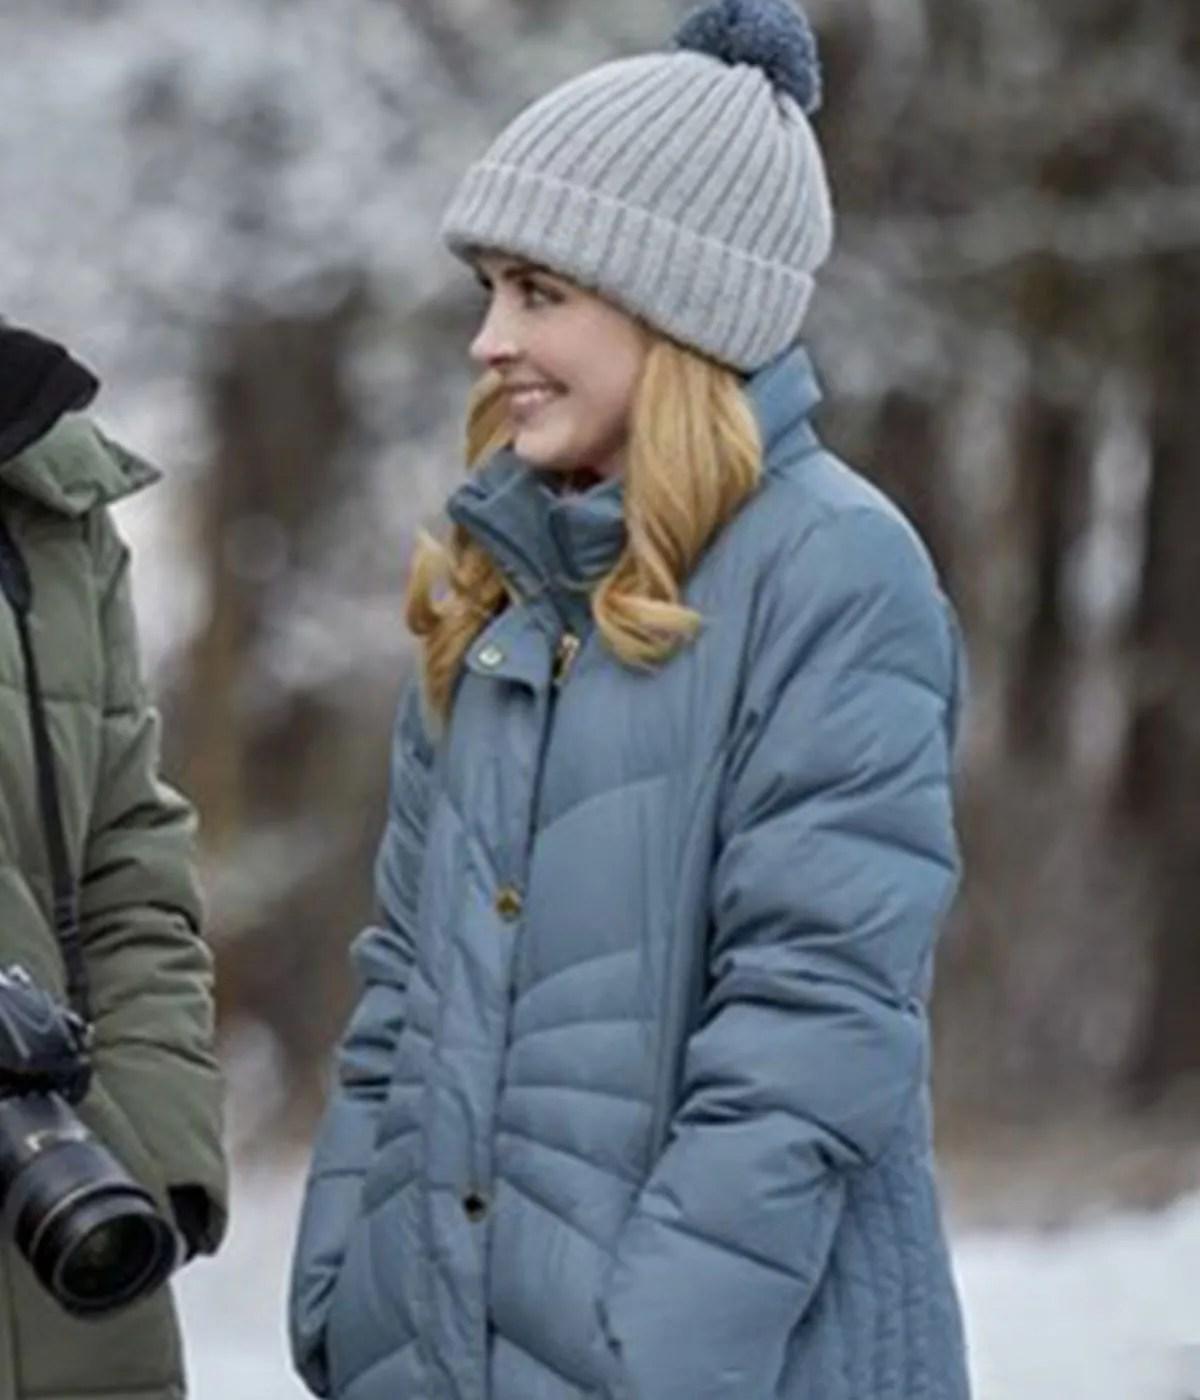 snowkissed-jen-lilley-kate-daniels-puffer-coat